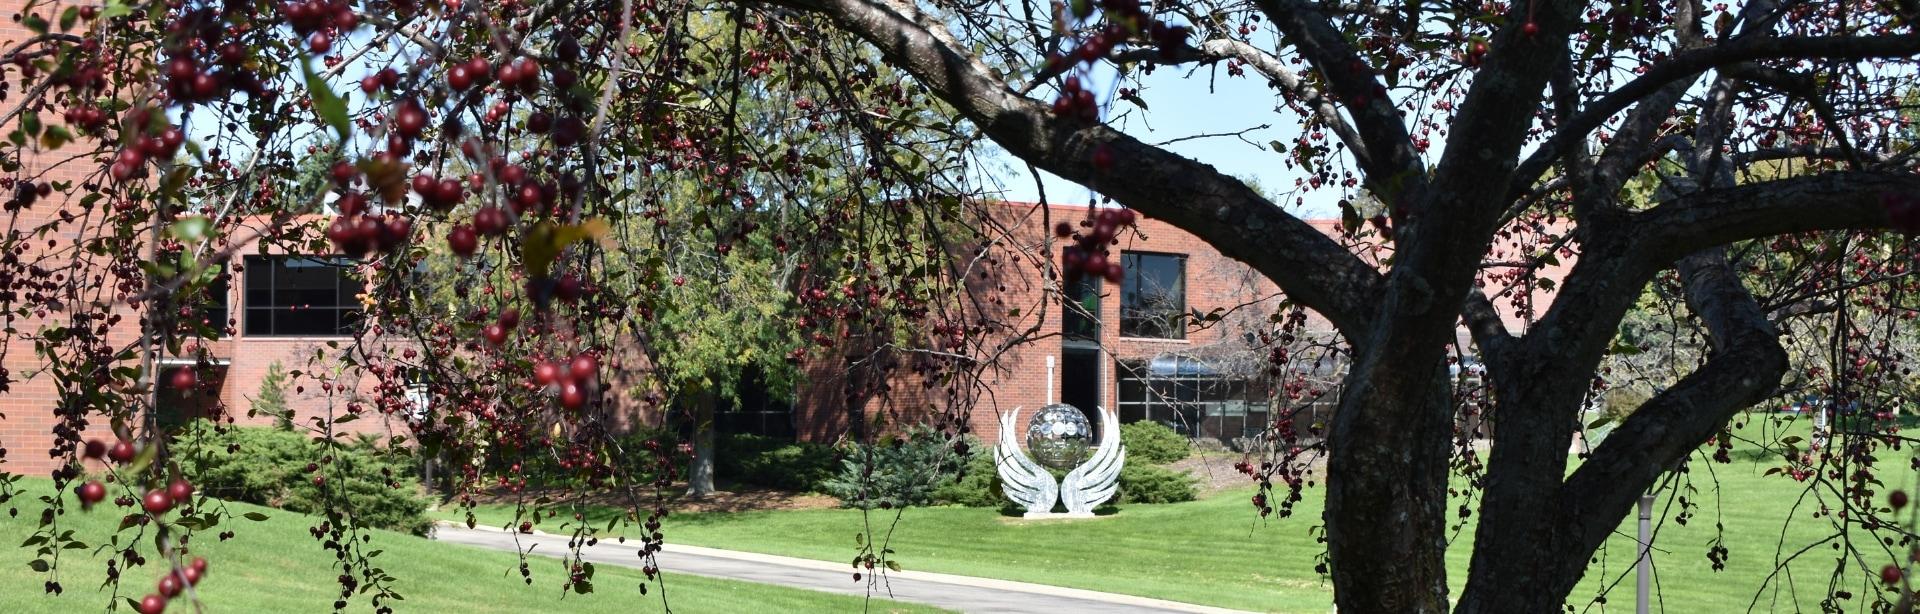 east campus